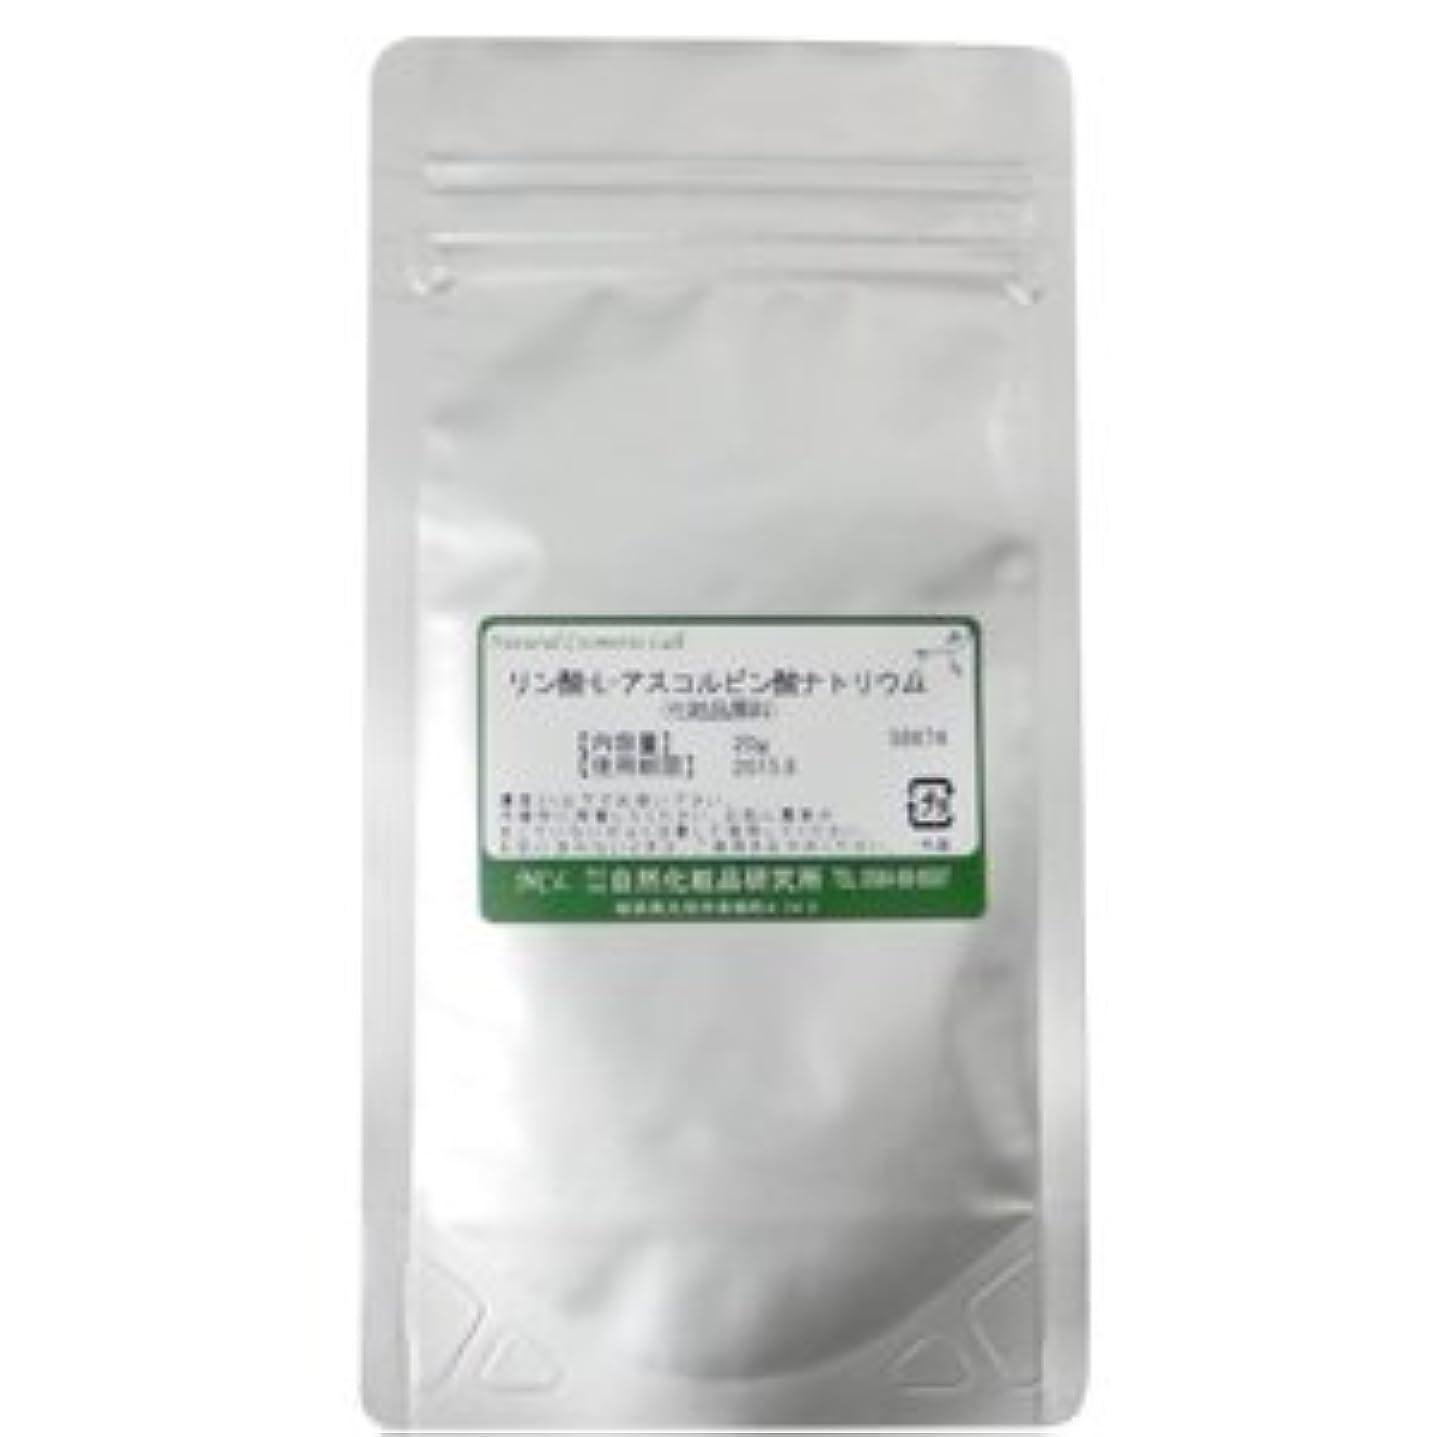 医療過誤こどもセンター統合ビタミンC誘導体 リン酸-L-アスコルビン酸ナトリウム 化粧品原料 20g